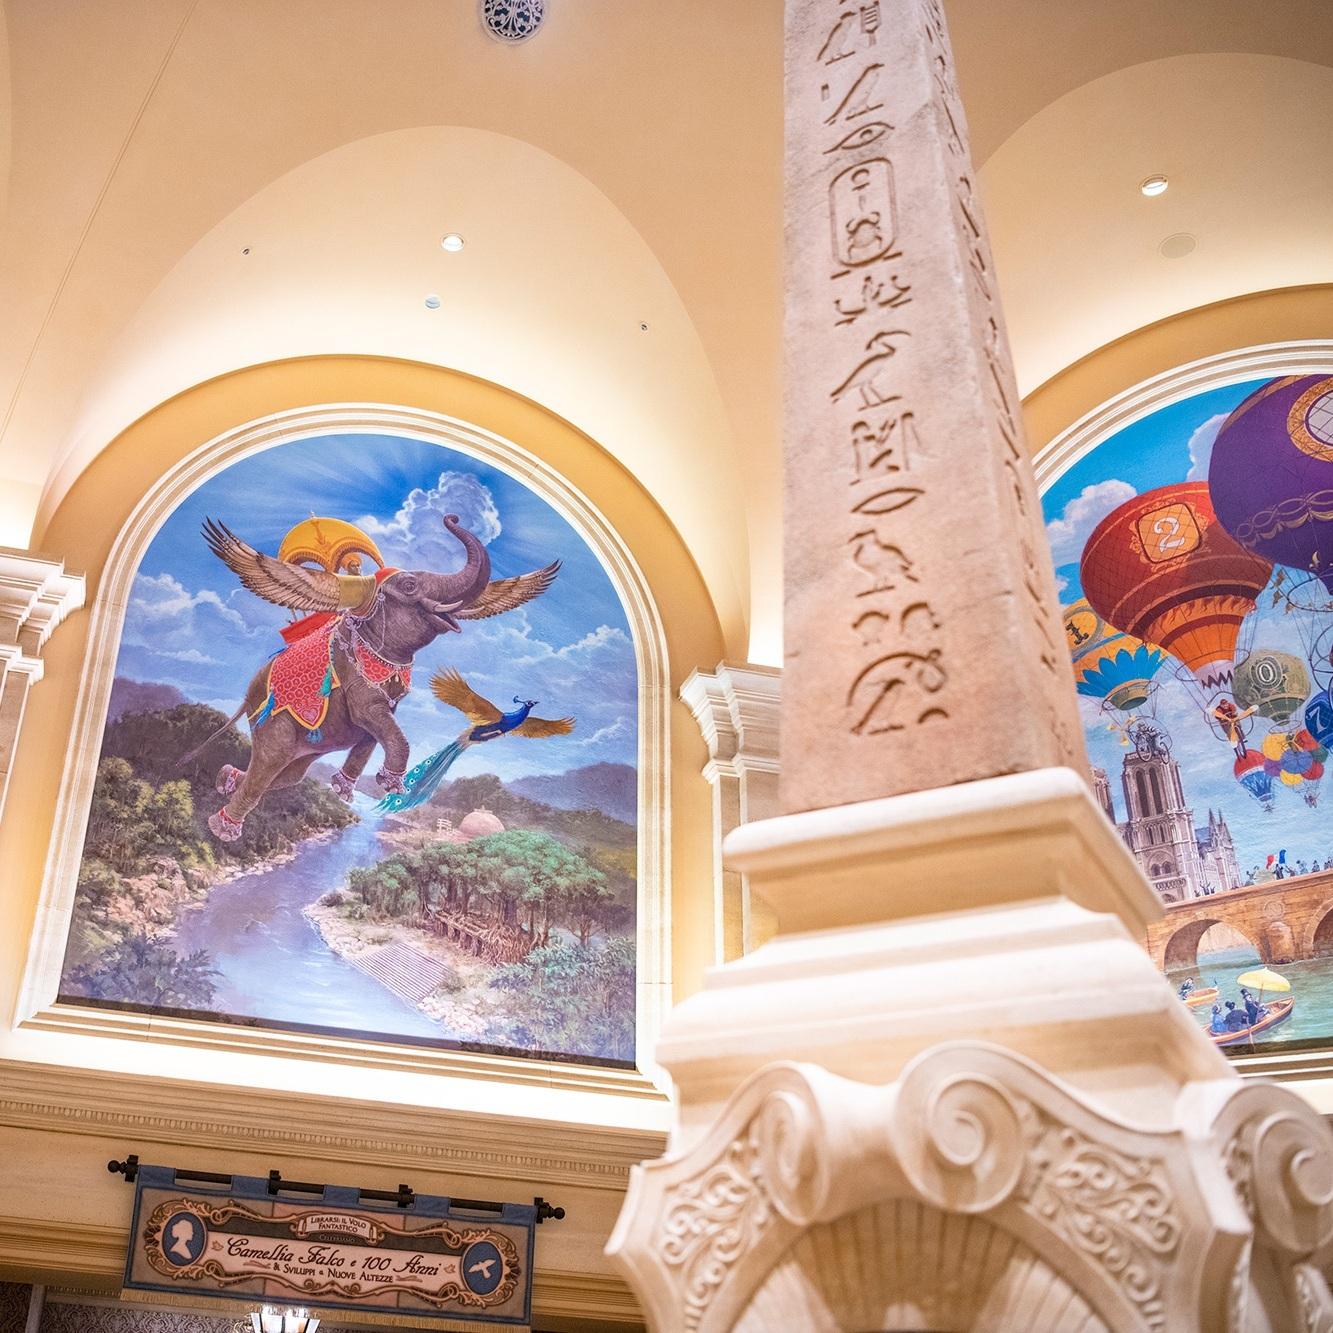 Dreaming of flying...☁️ 空飛ぶことを夢みて・・・ #soaring #soaringfantasticflight #rotunda...的圖像